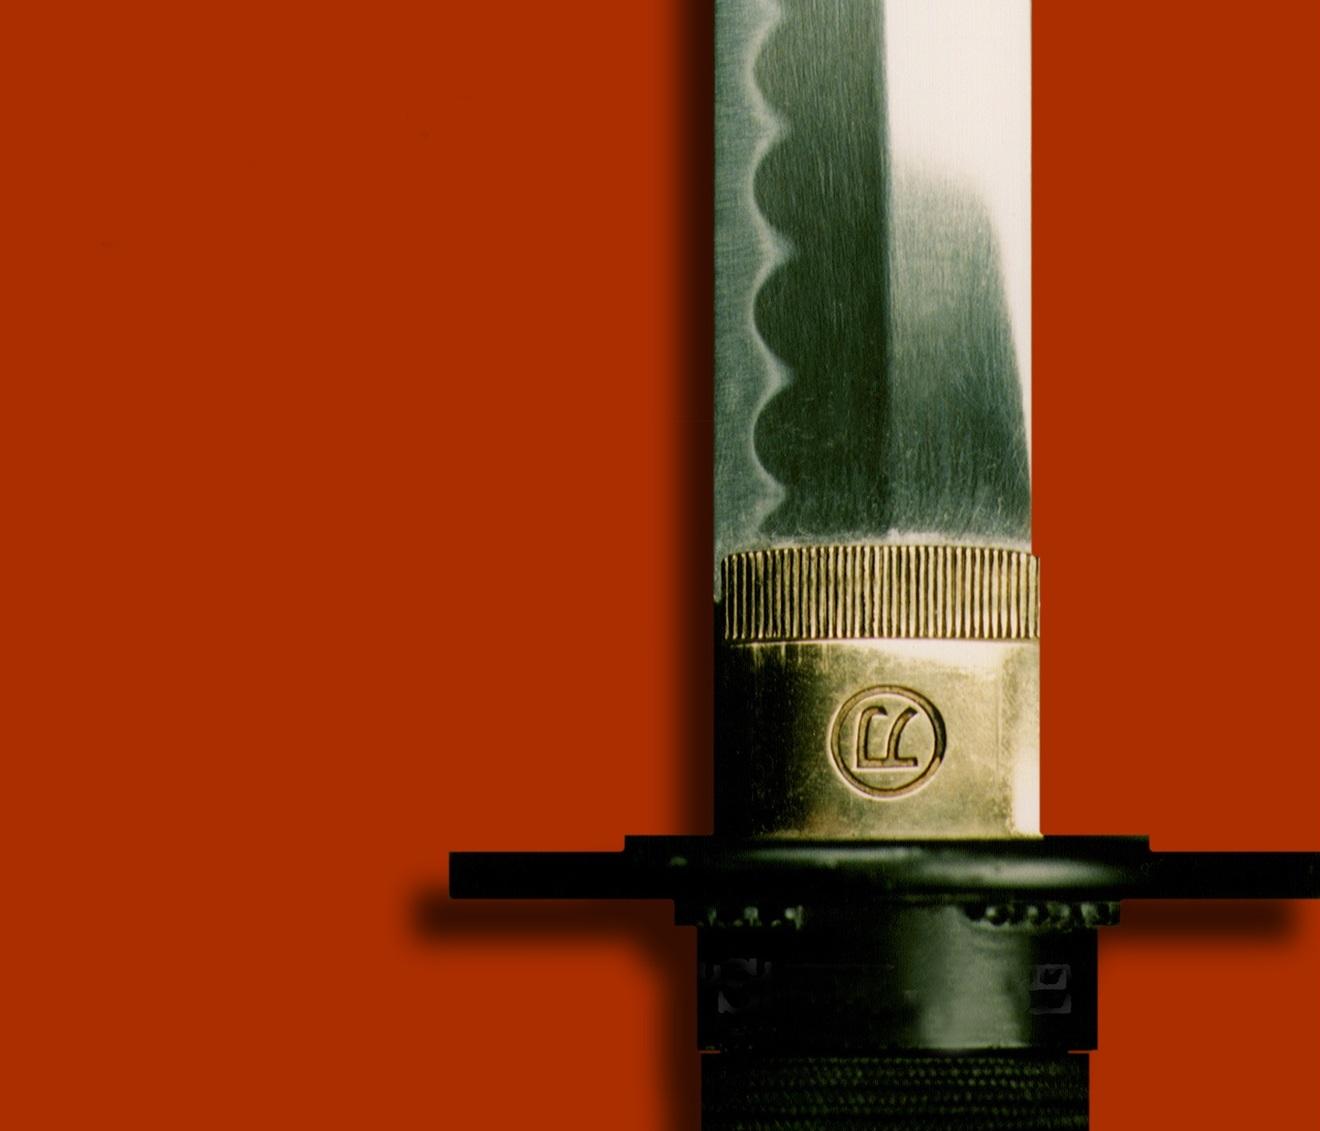 司馬遼太郎おすすめ作品10選。代表作から隠れた名作まで